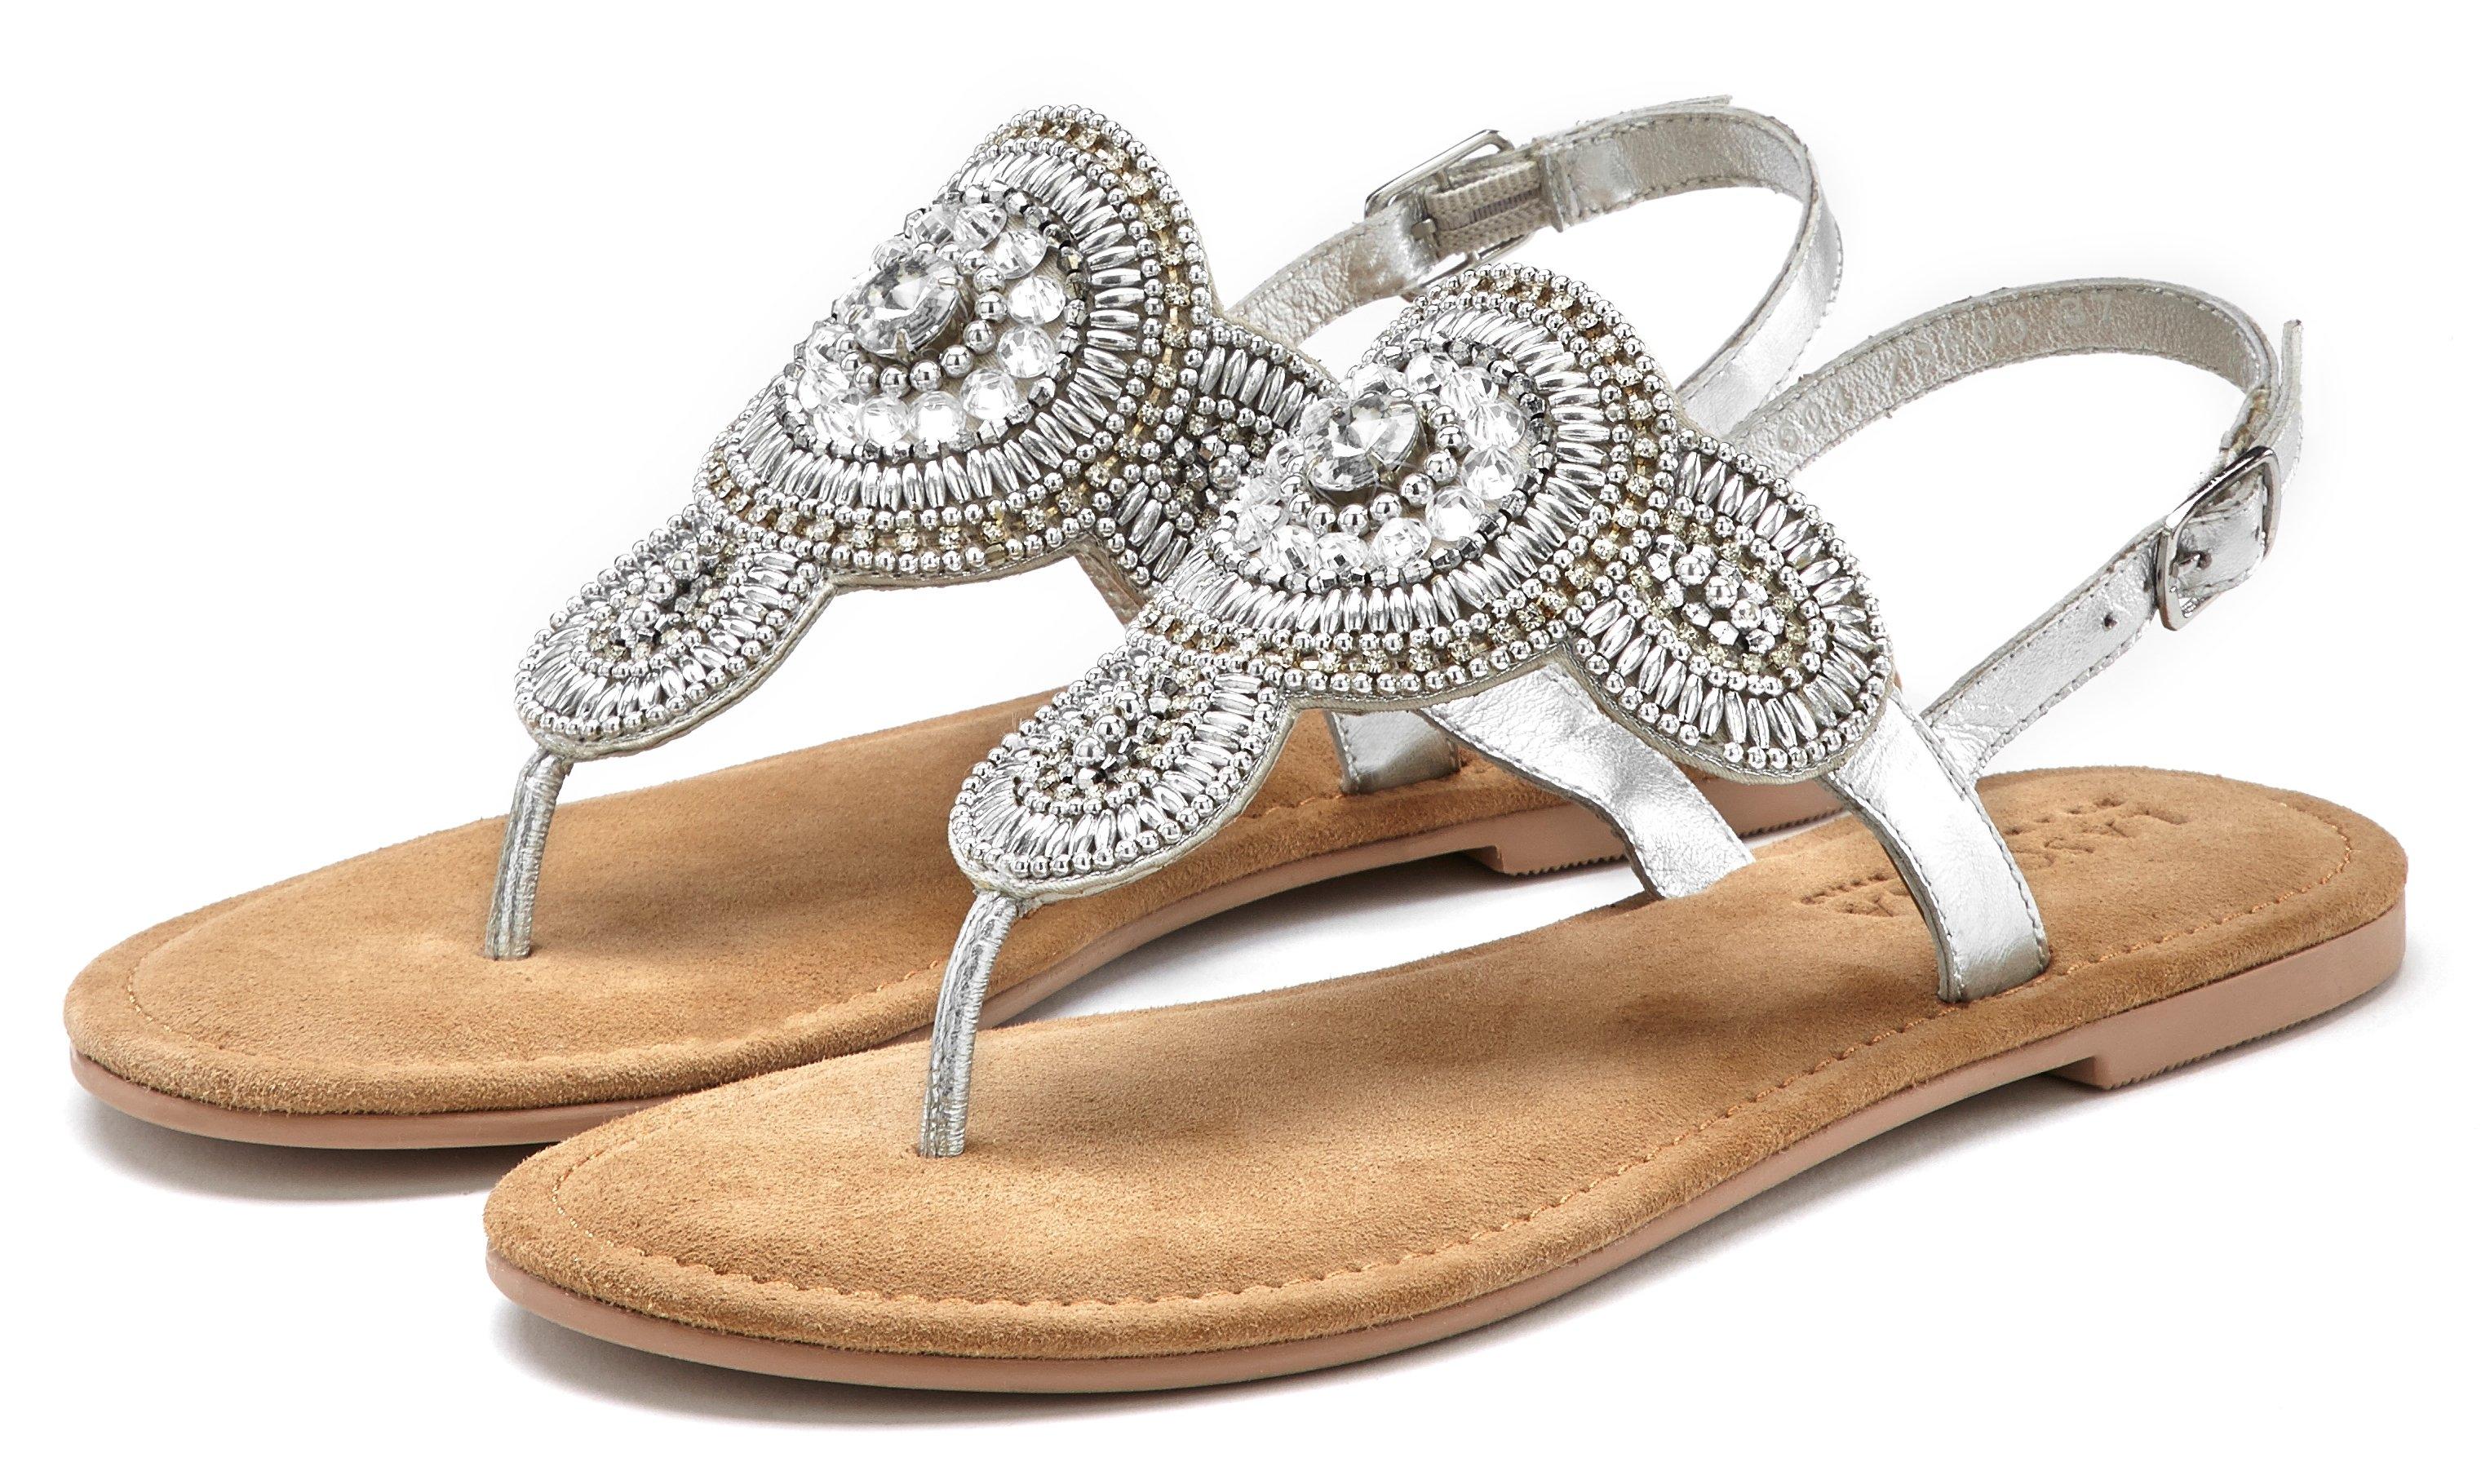 Lascana teenslippers Sandalen met een luxueuze garnering en zachte leren binnenzool nu online bestellen